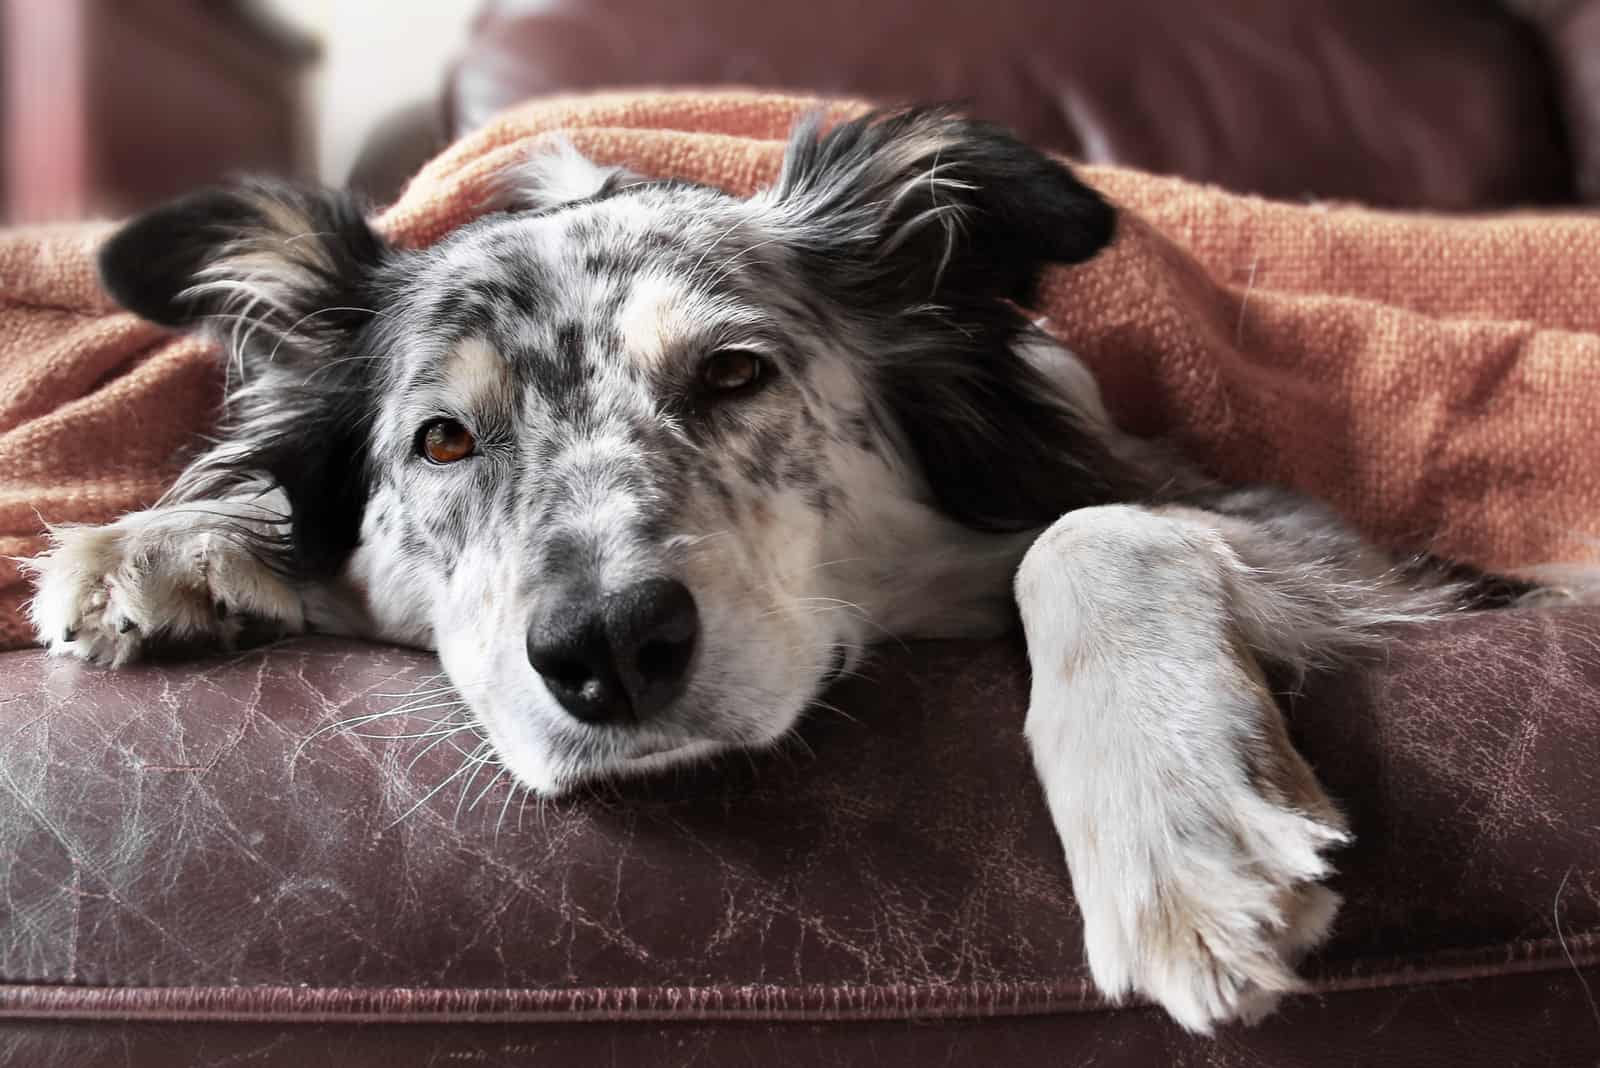 Hund auf der Couch unter der Decke, die traurig aussieht